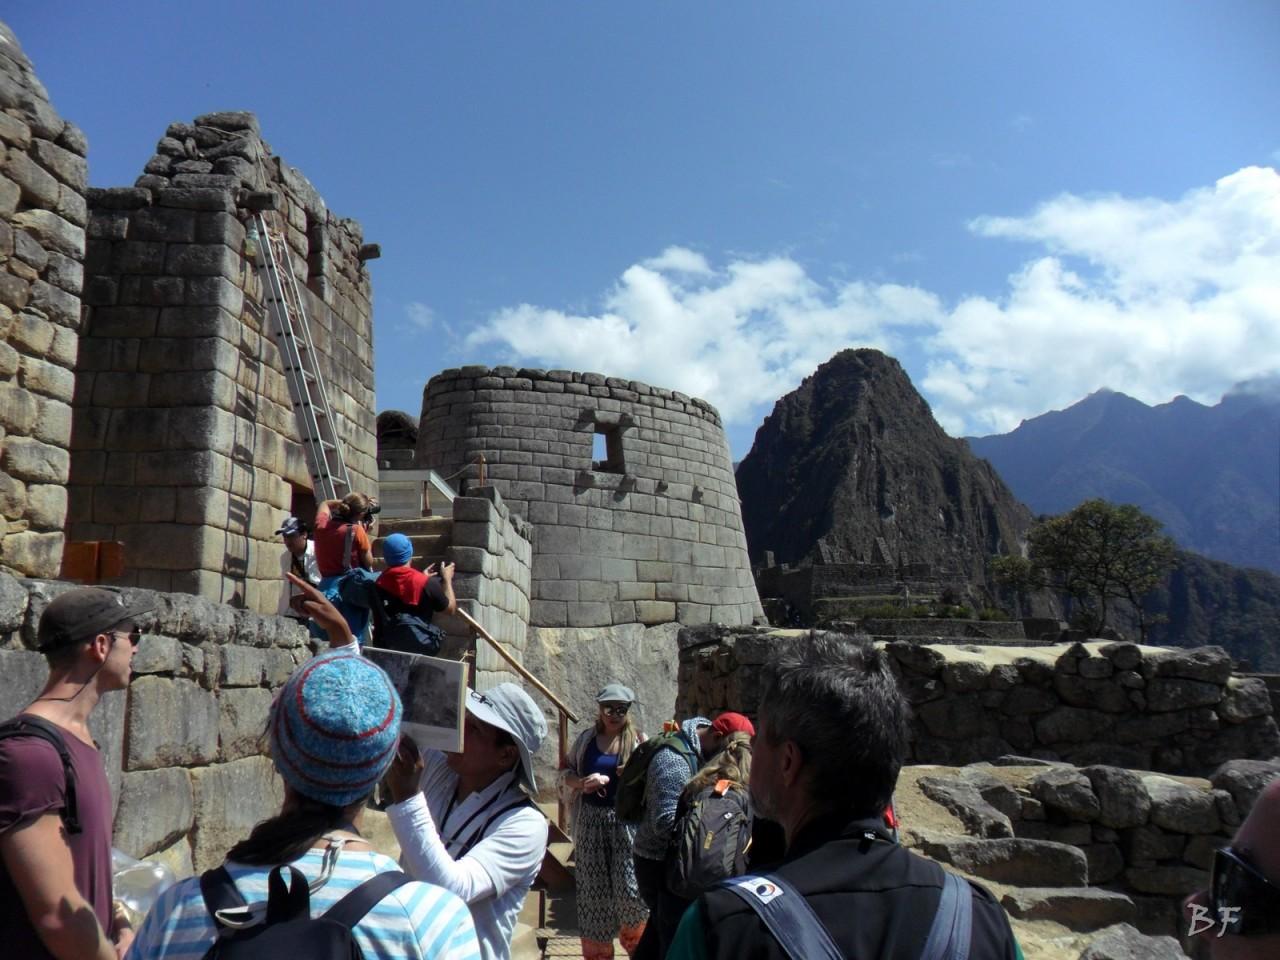 Mura-Poligonali-Incisioni-Altari-Edifici-Rupestri-Megaliti-Machu-Picchu-Aguas-Calientes-Urubamba-Cusco-Perù-25